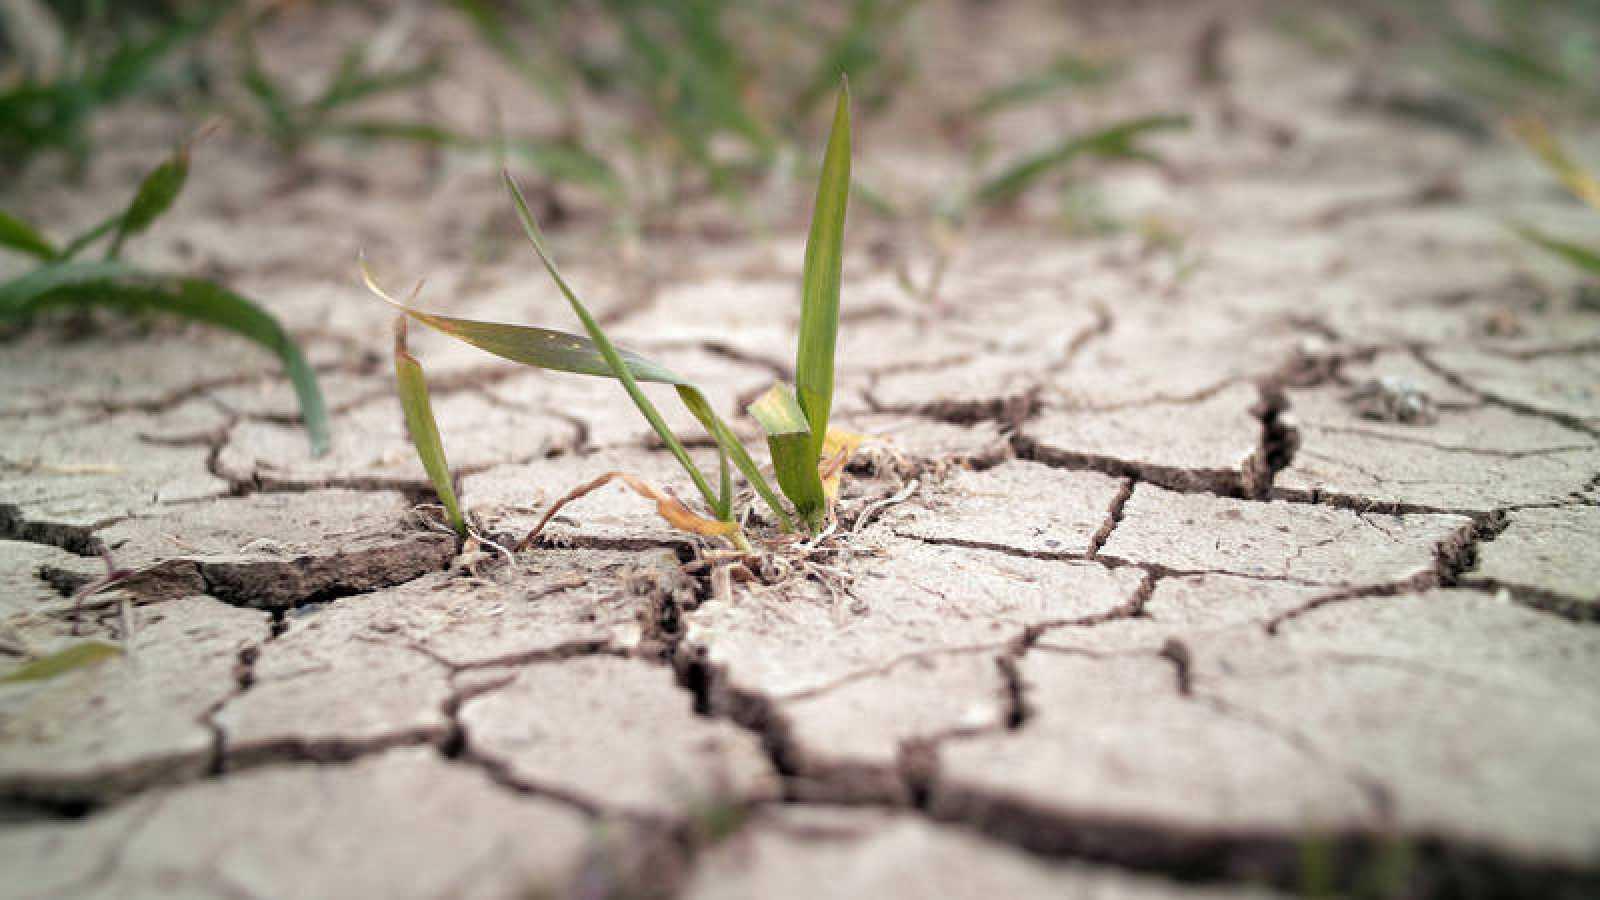 Brotes en mitad de la tierra agrietada y seca